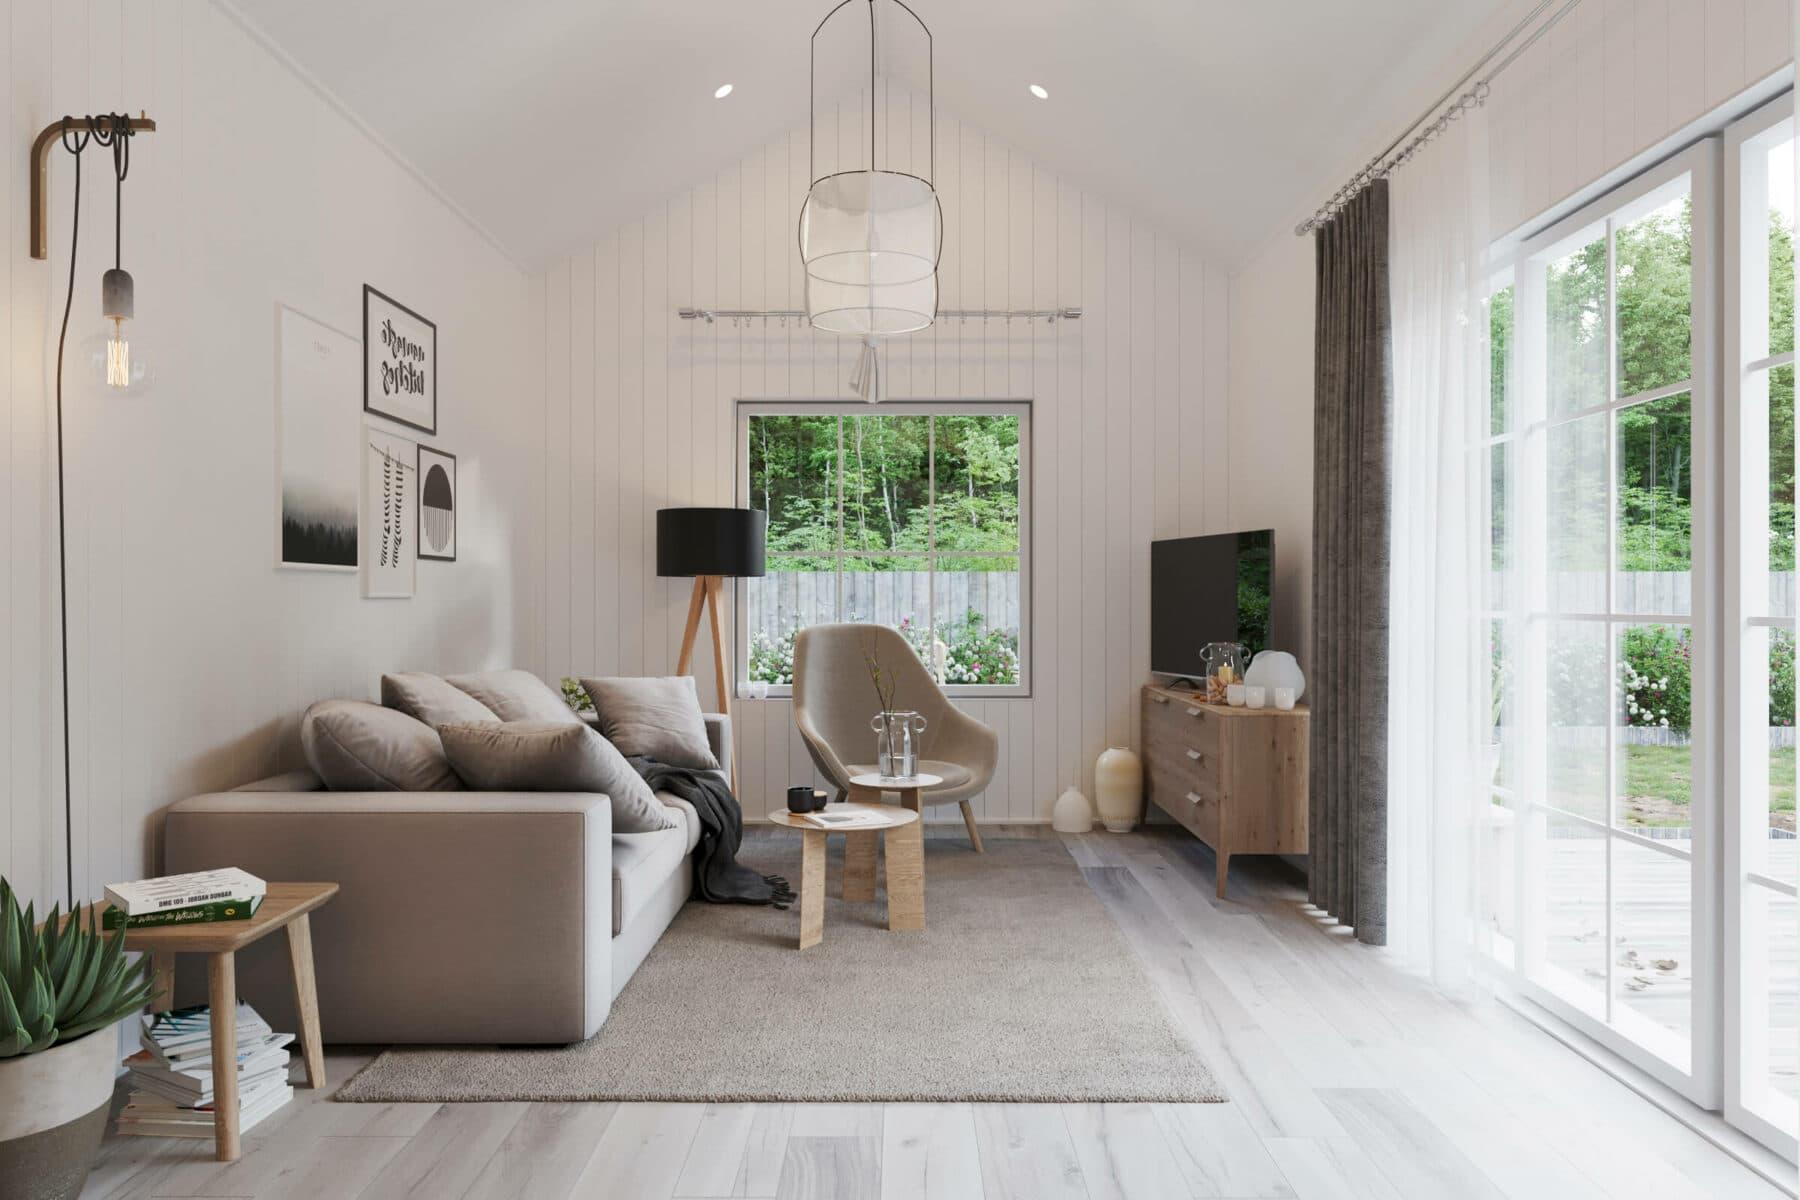 Vardagsrum med soffa, soffbord, fåtölj och tv i fritidshus med klassiskt sadeltak